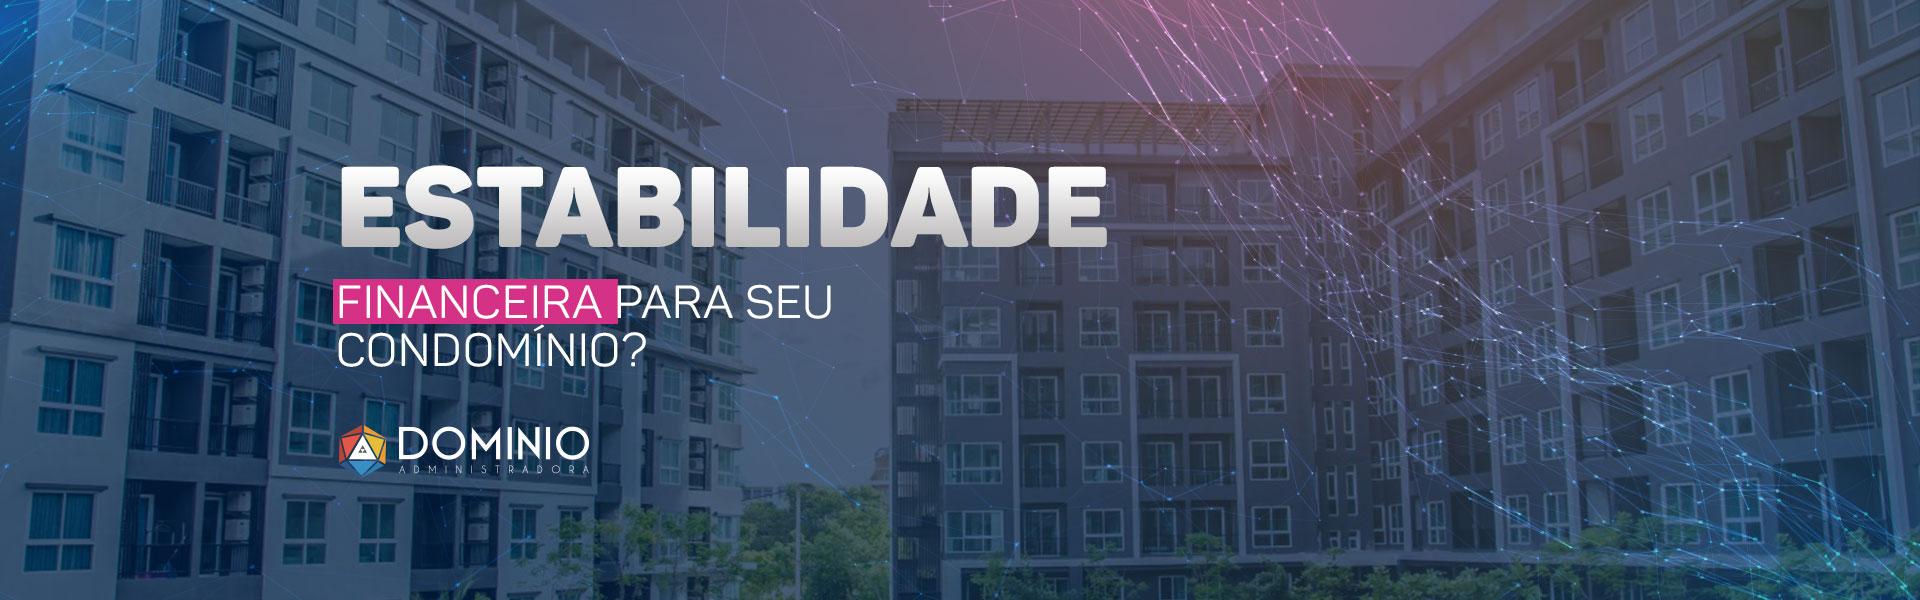 Banner estabilidade financeira para gestão de condomínios